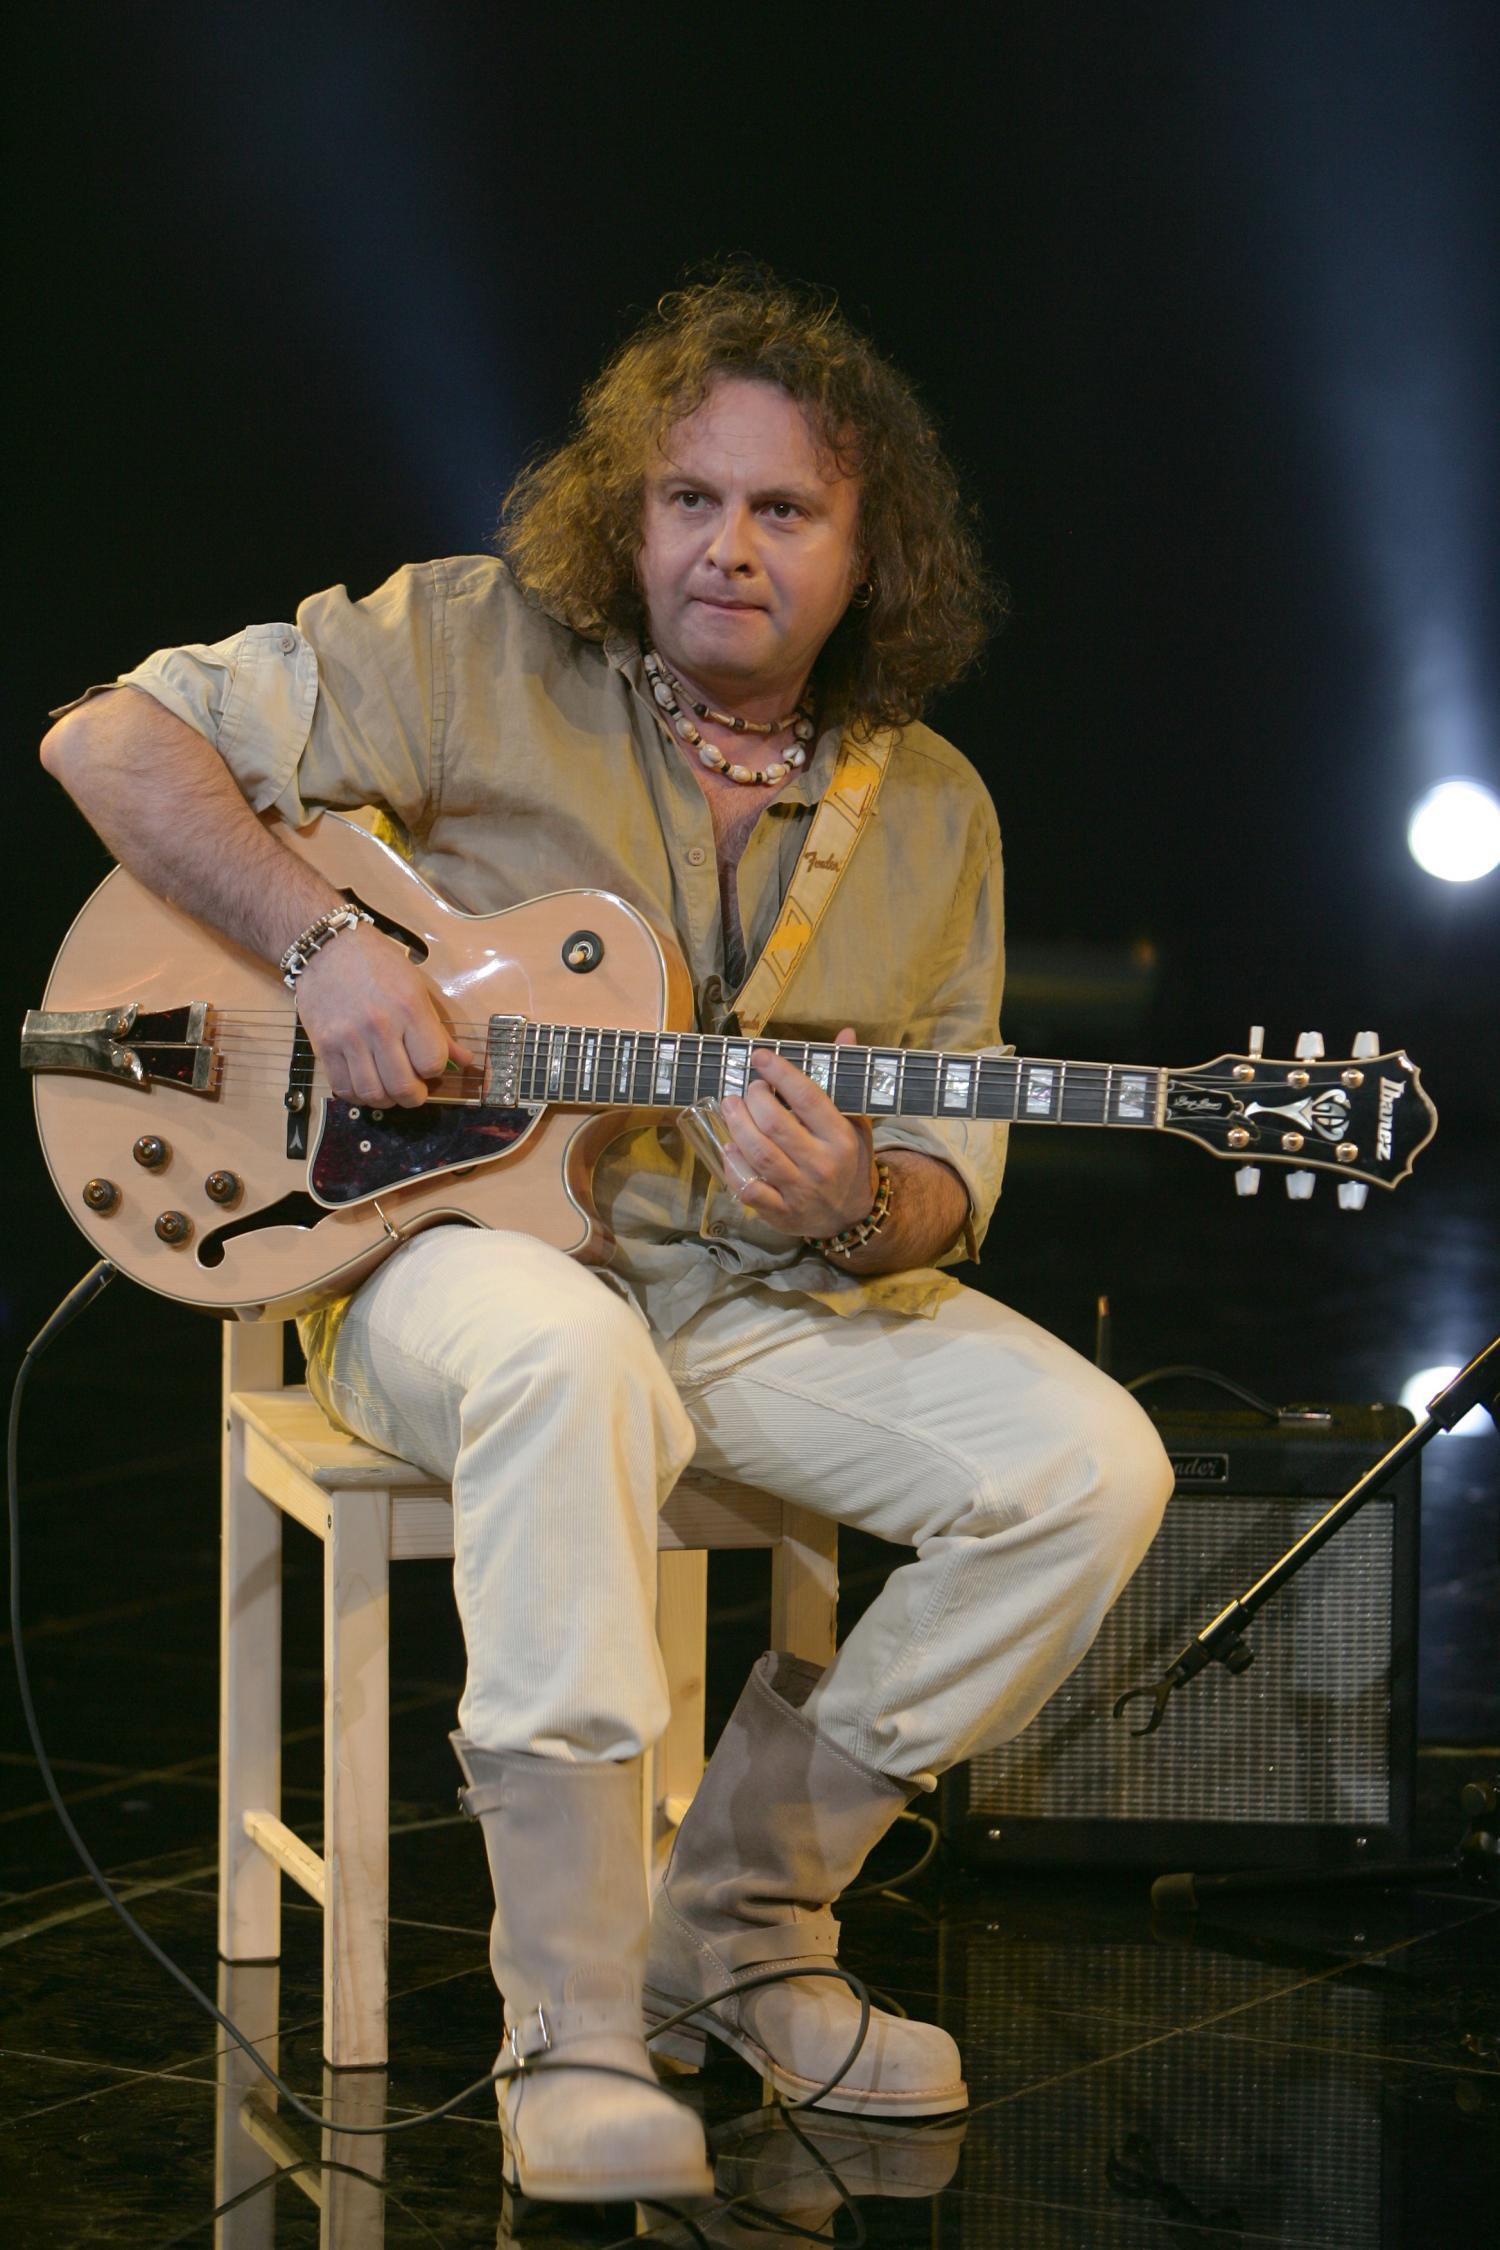 этого фотографии известных гитаристов смотреть поручается